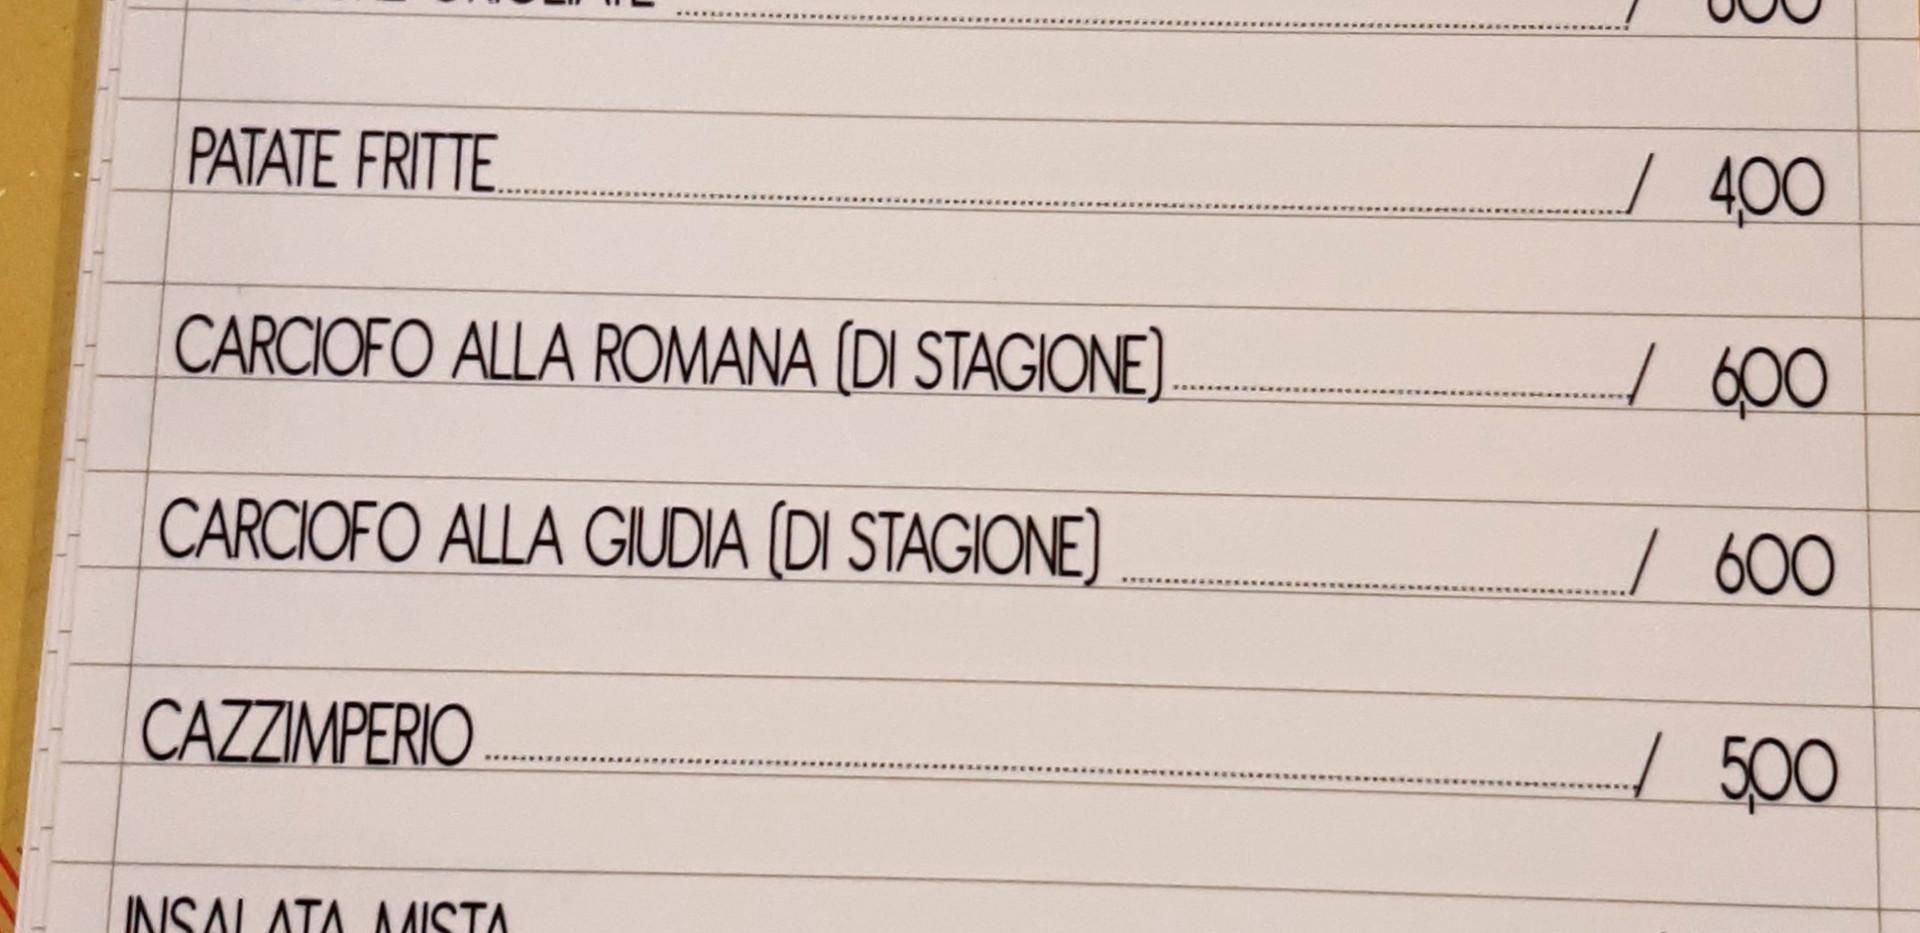 menu #osteriadarbruttone